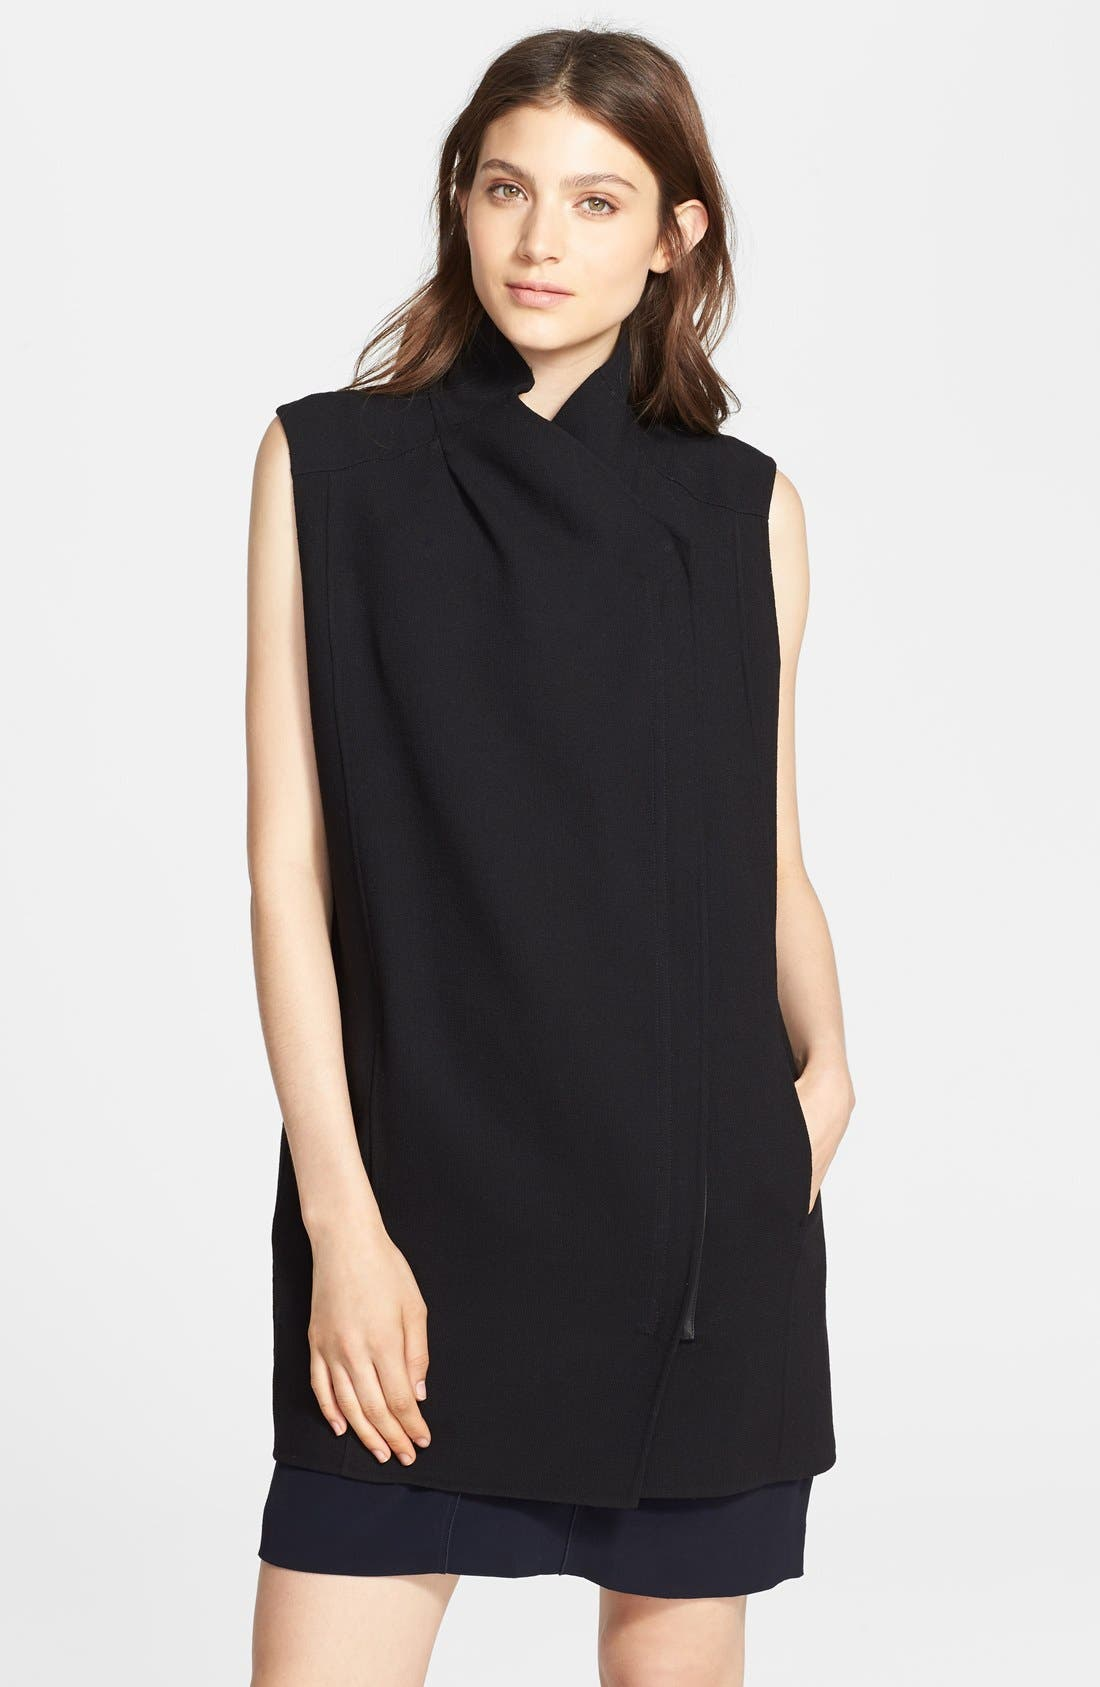 Alternate Image 1 Selected - Vince Asymmetric Sleeveless Vest